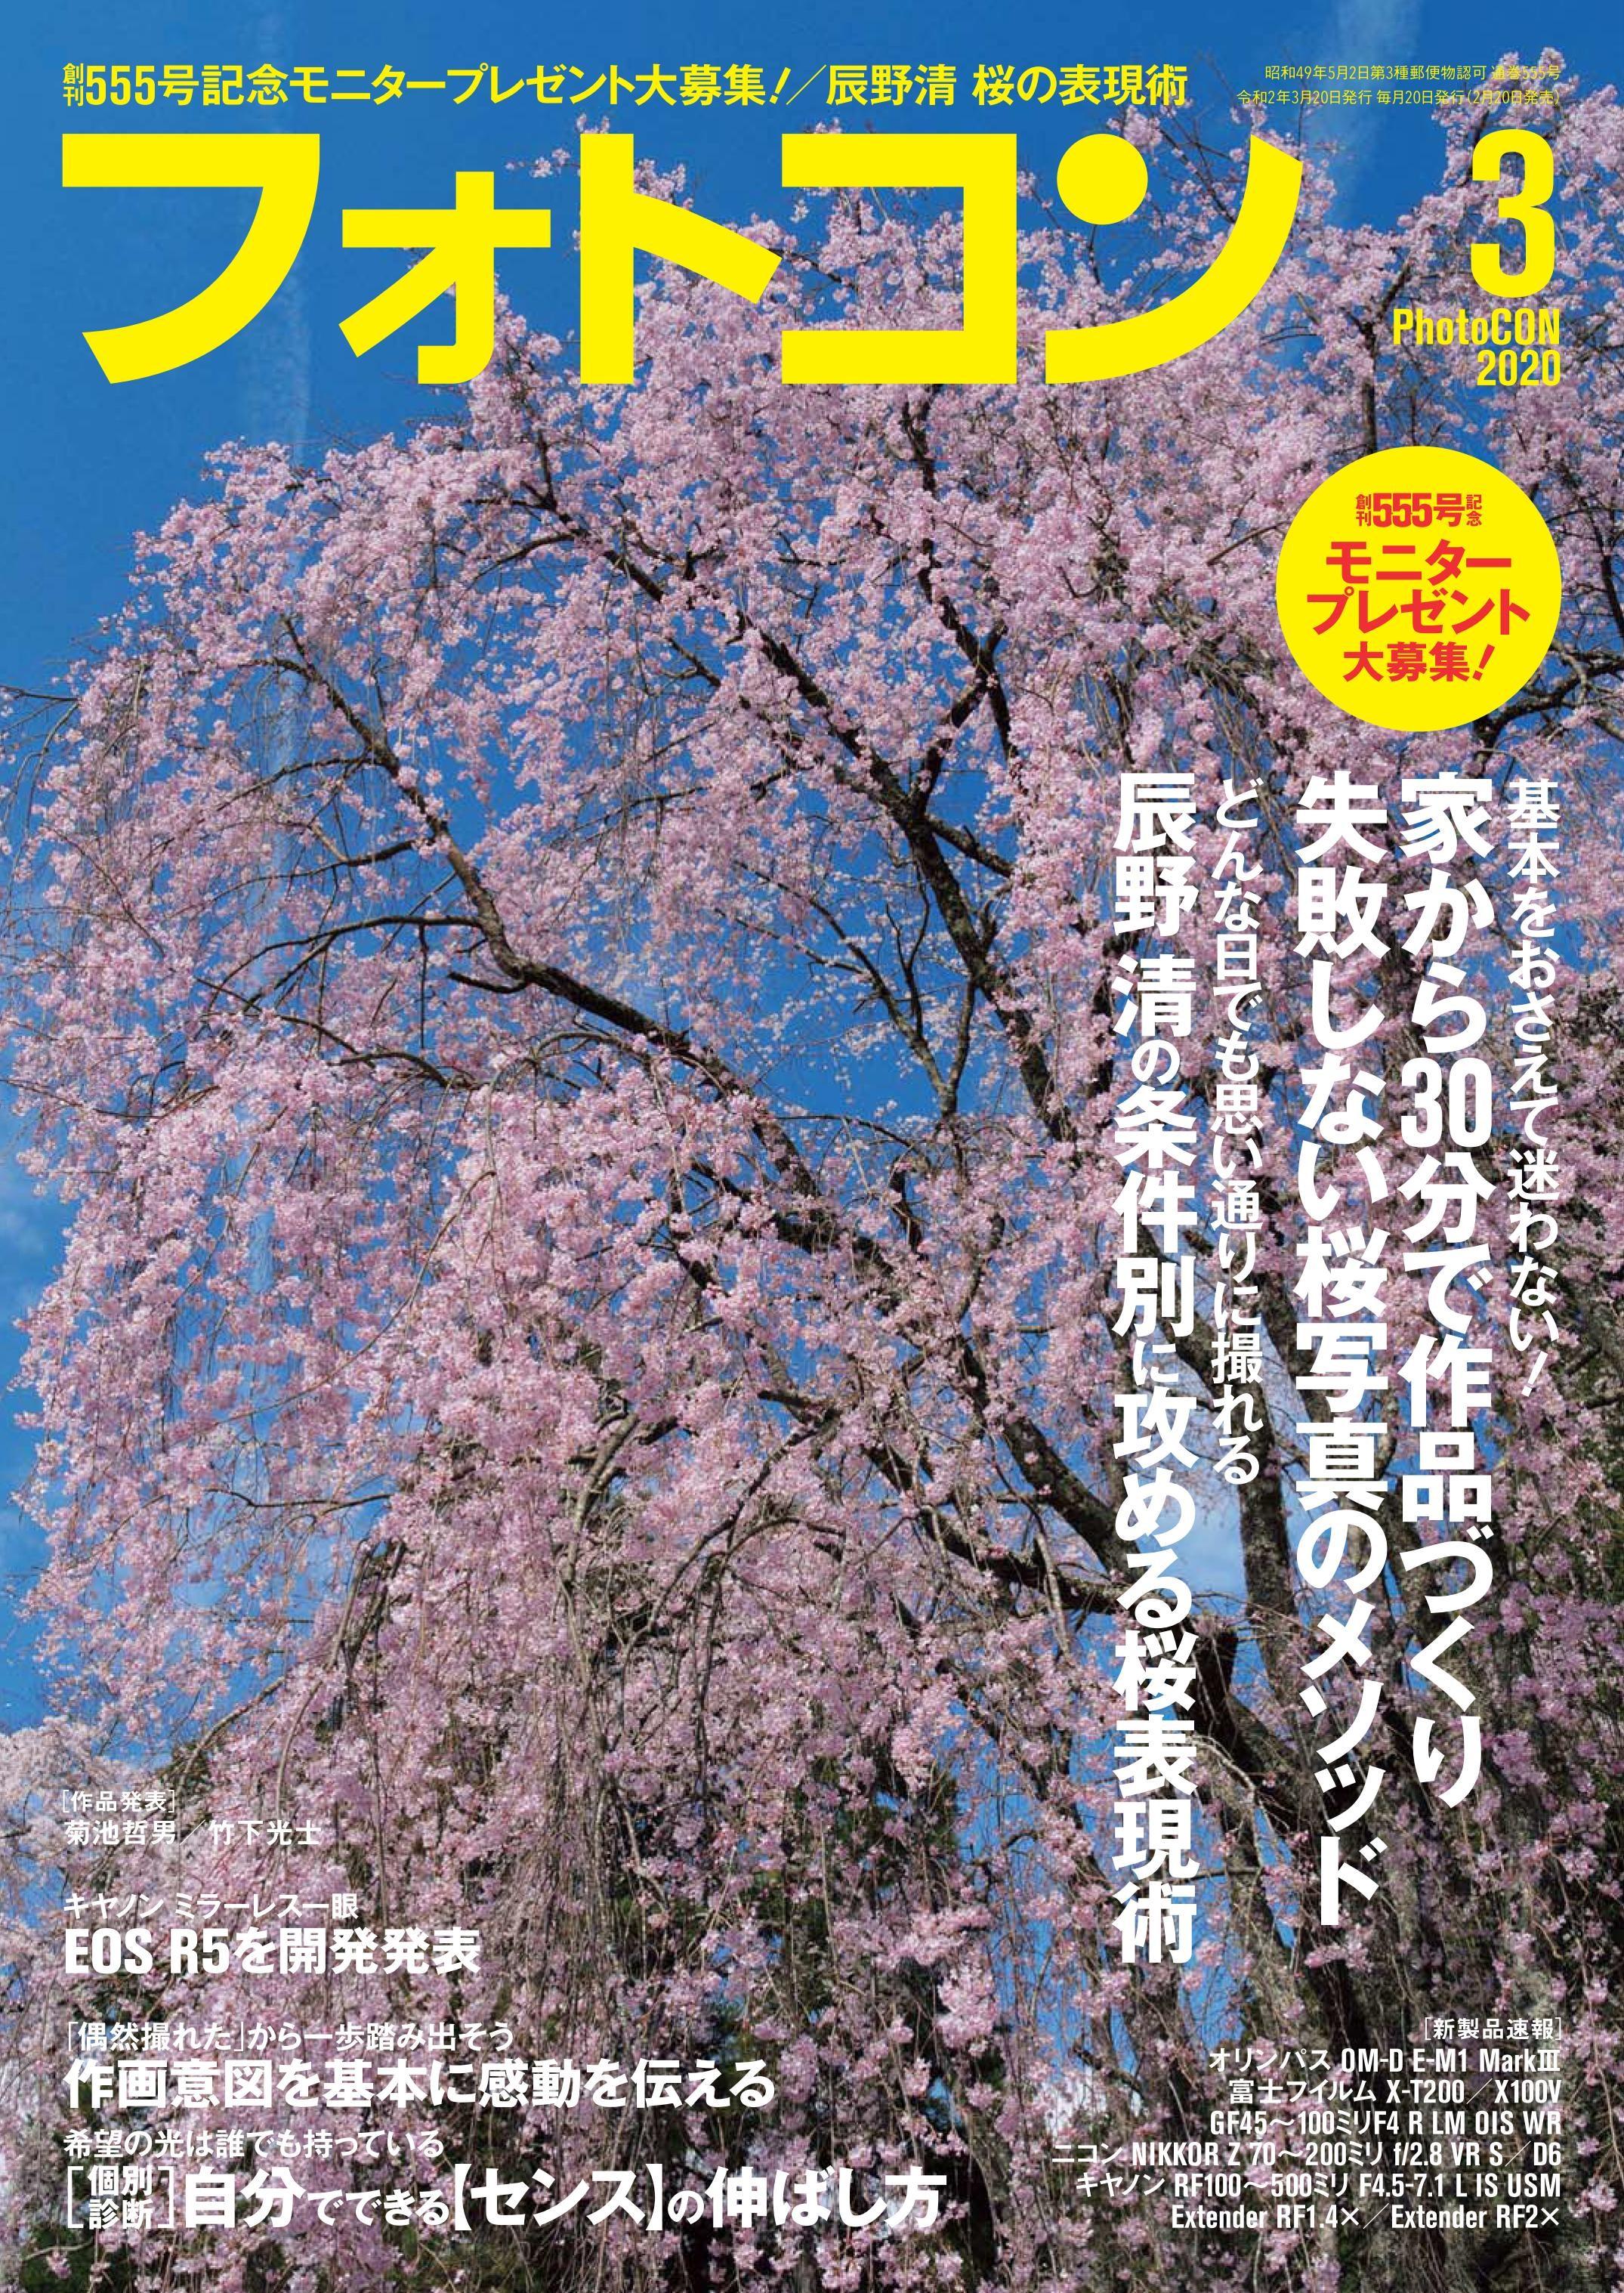 フォトコン2020年3月号(創刊555号記念モニタープレゼント募集)